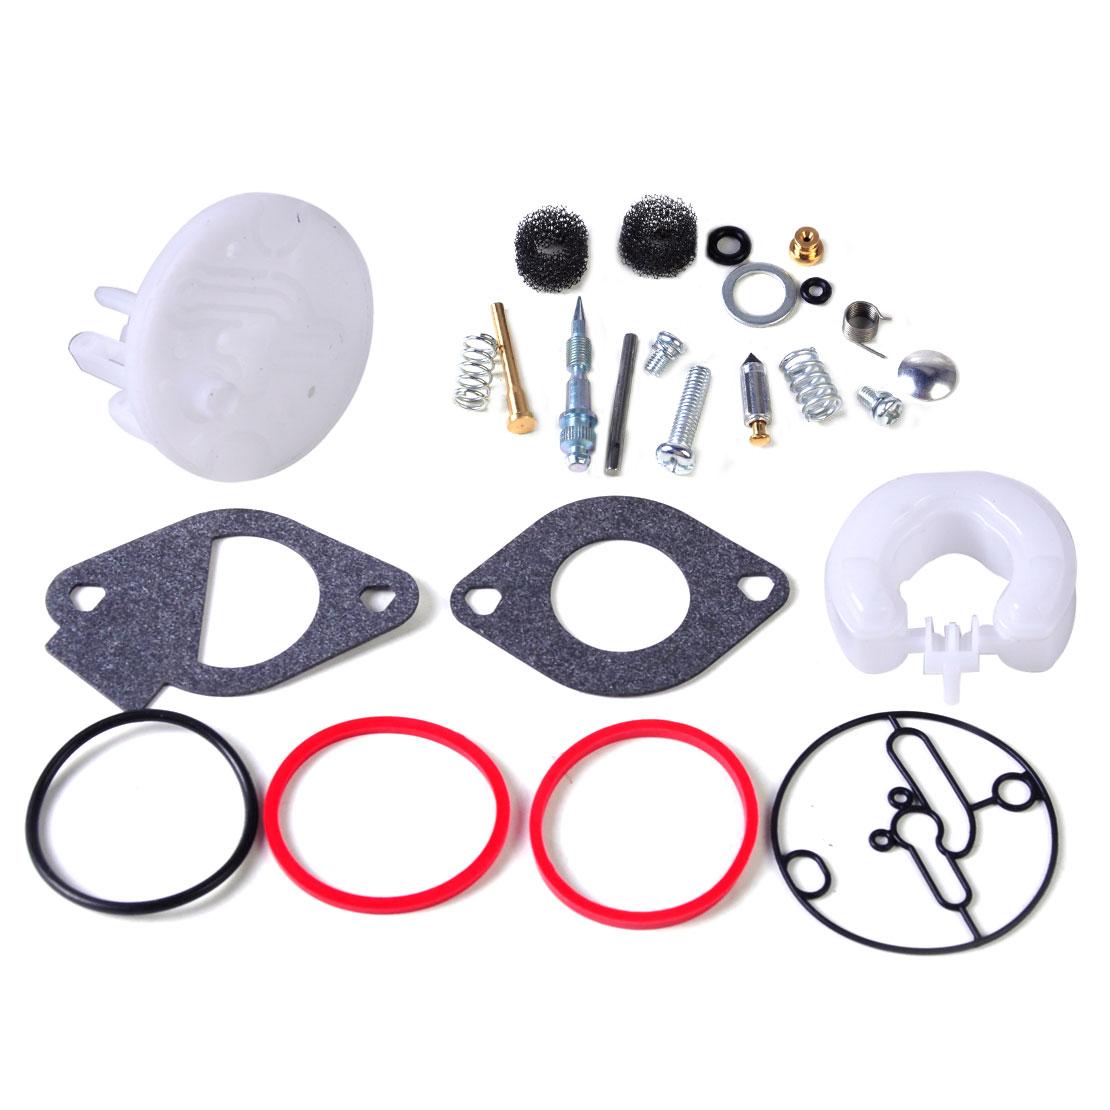 LETAOSK Carburetor Rebuild Repair Kit Fit For Nikki Carb Briggs & Stratton Master Overhaul 796184